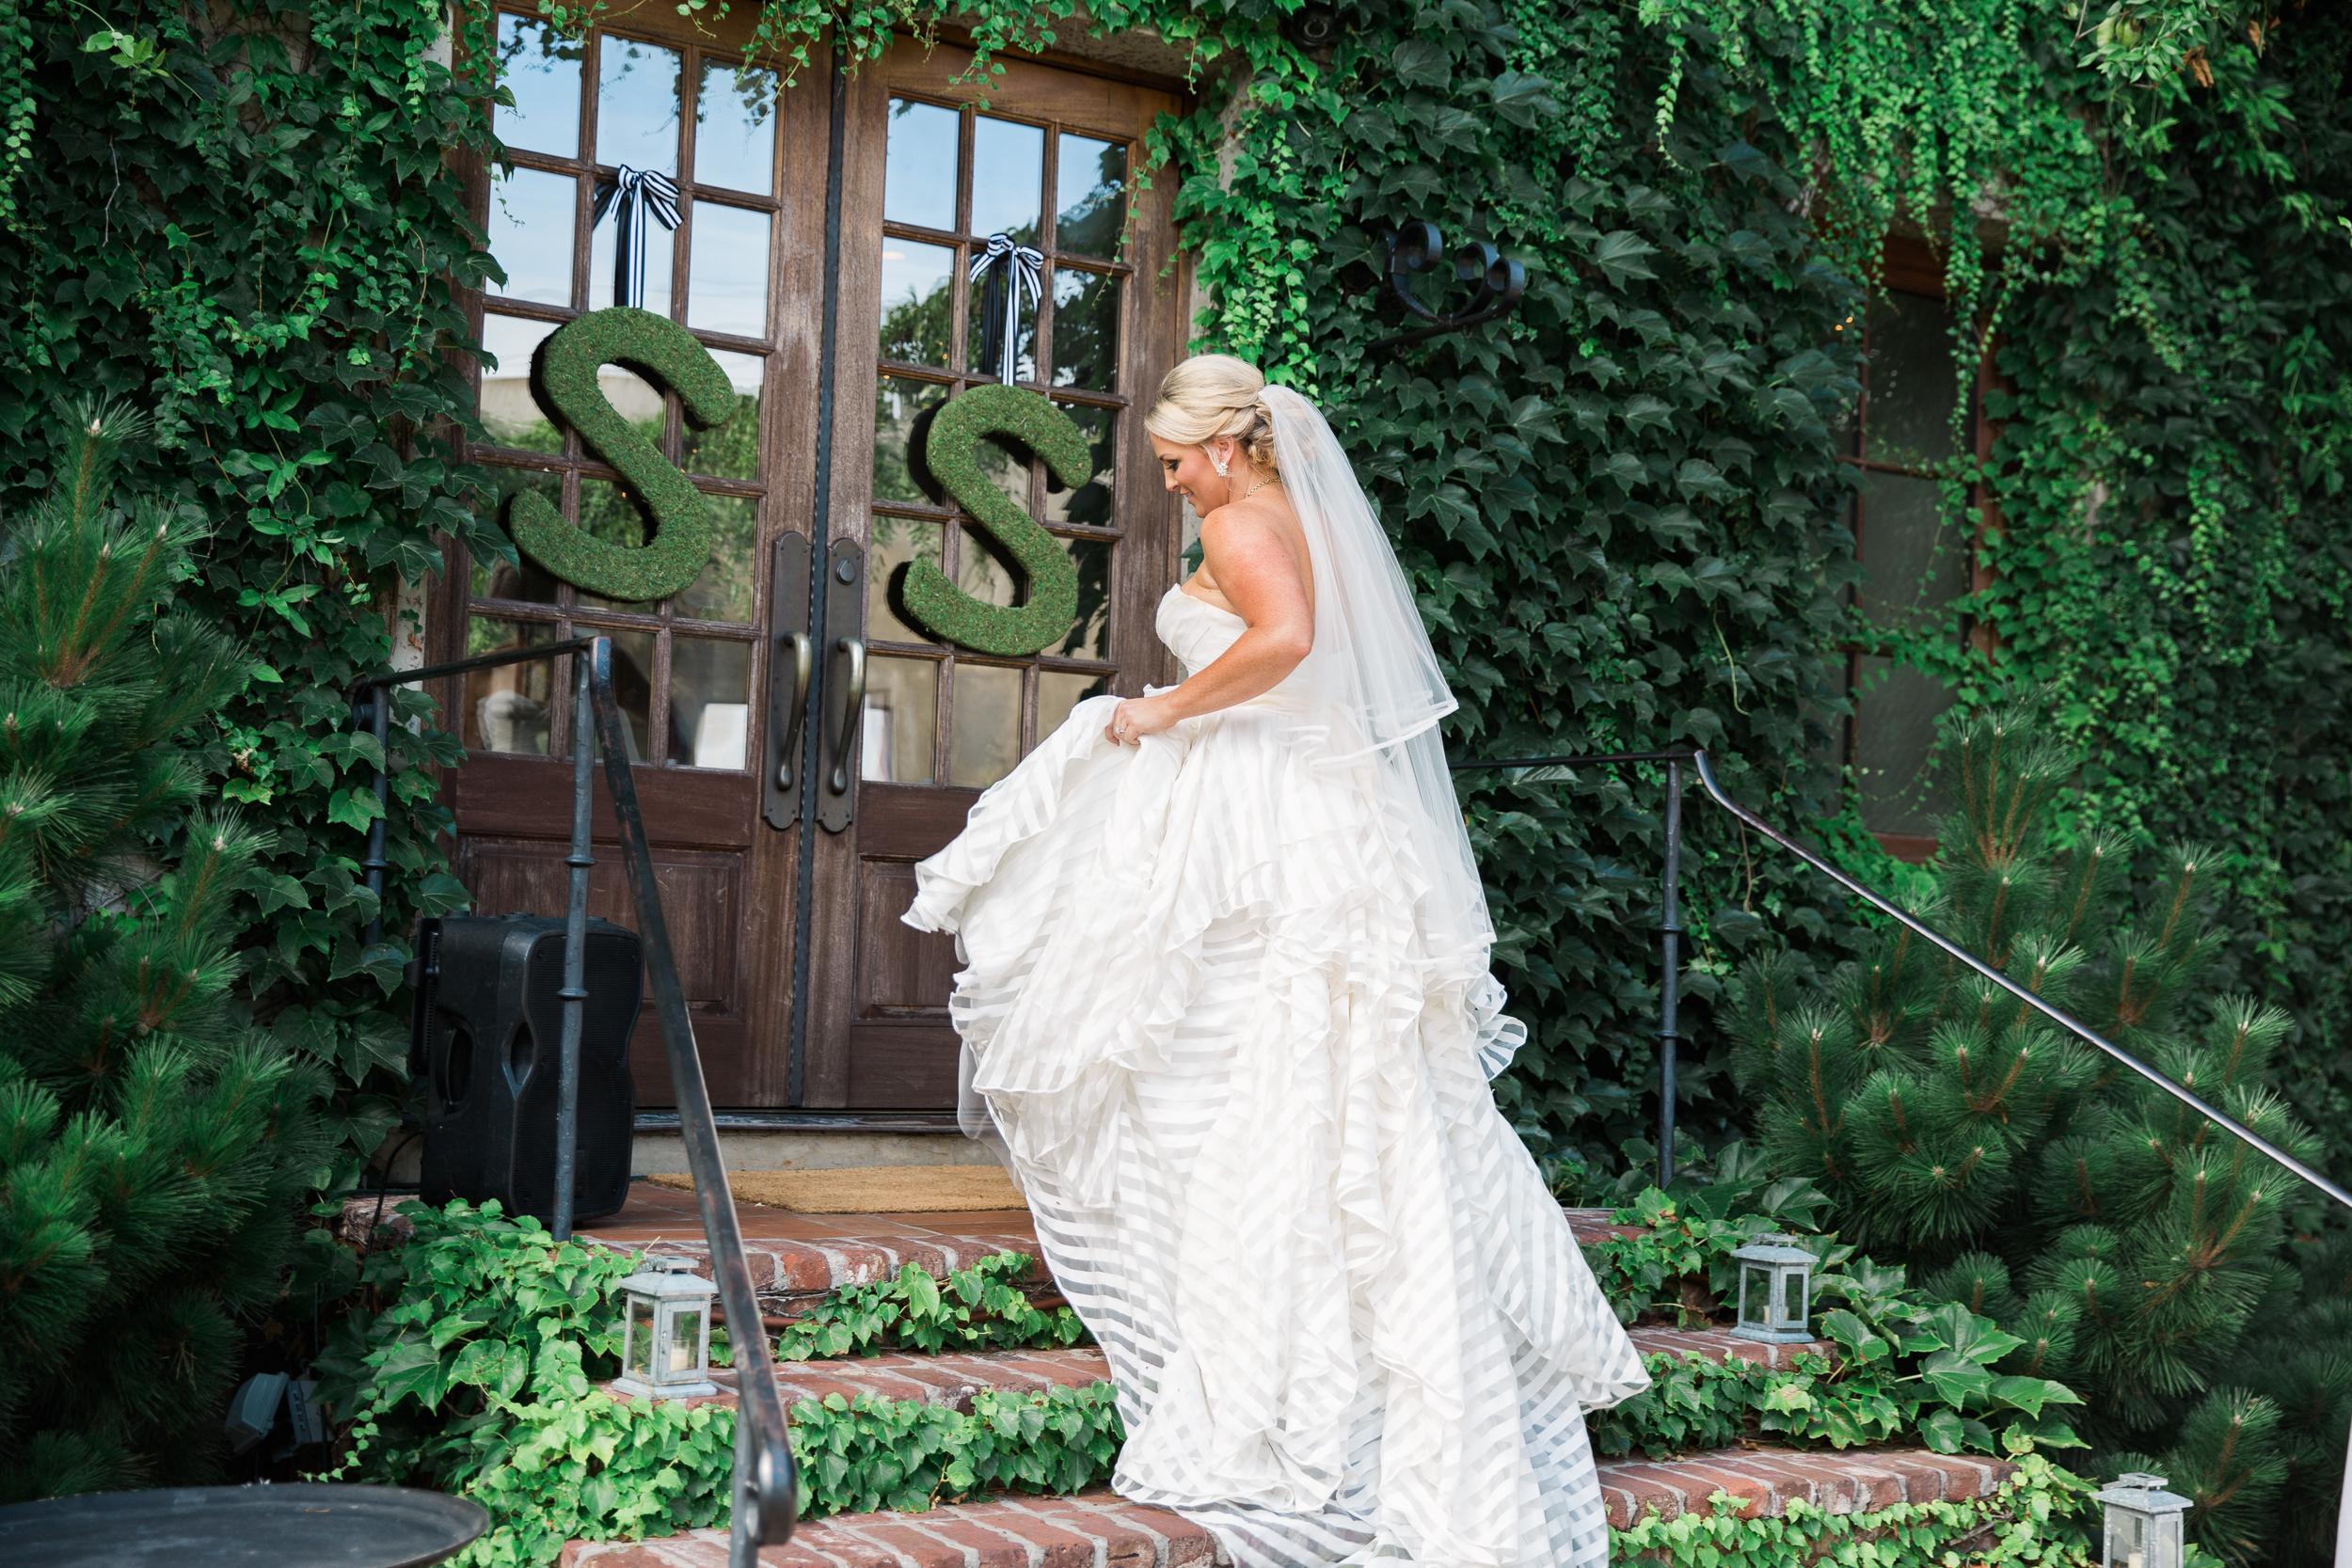 GY5A0071 Sponsel Wedding.jpg